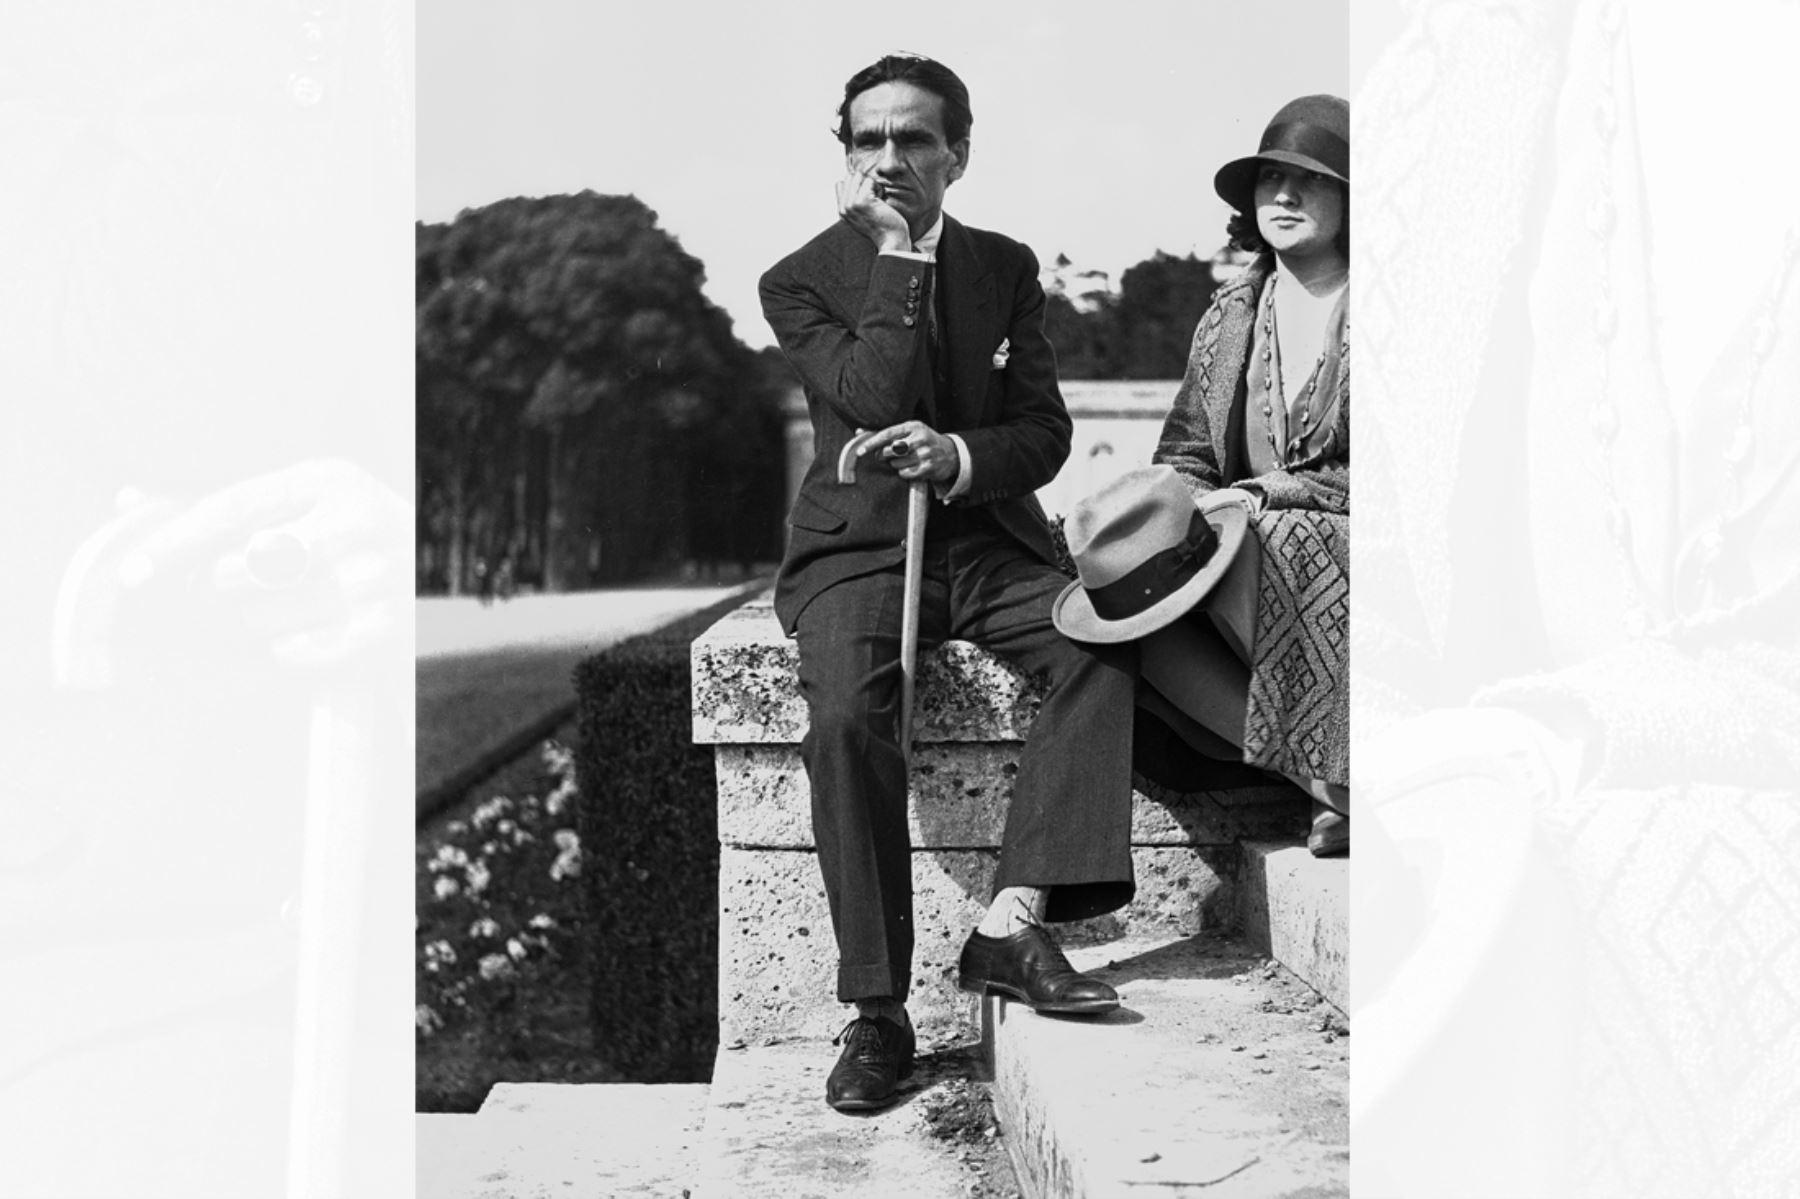 París - 1931 / César Vallejo  y Georgette en París.  La fotografía formó parte de la exposición César Vallejo: El Poeta y el hombre.